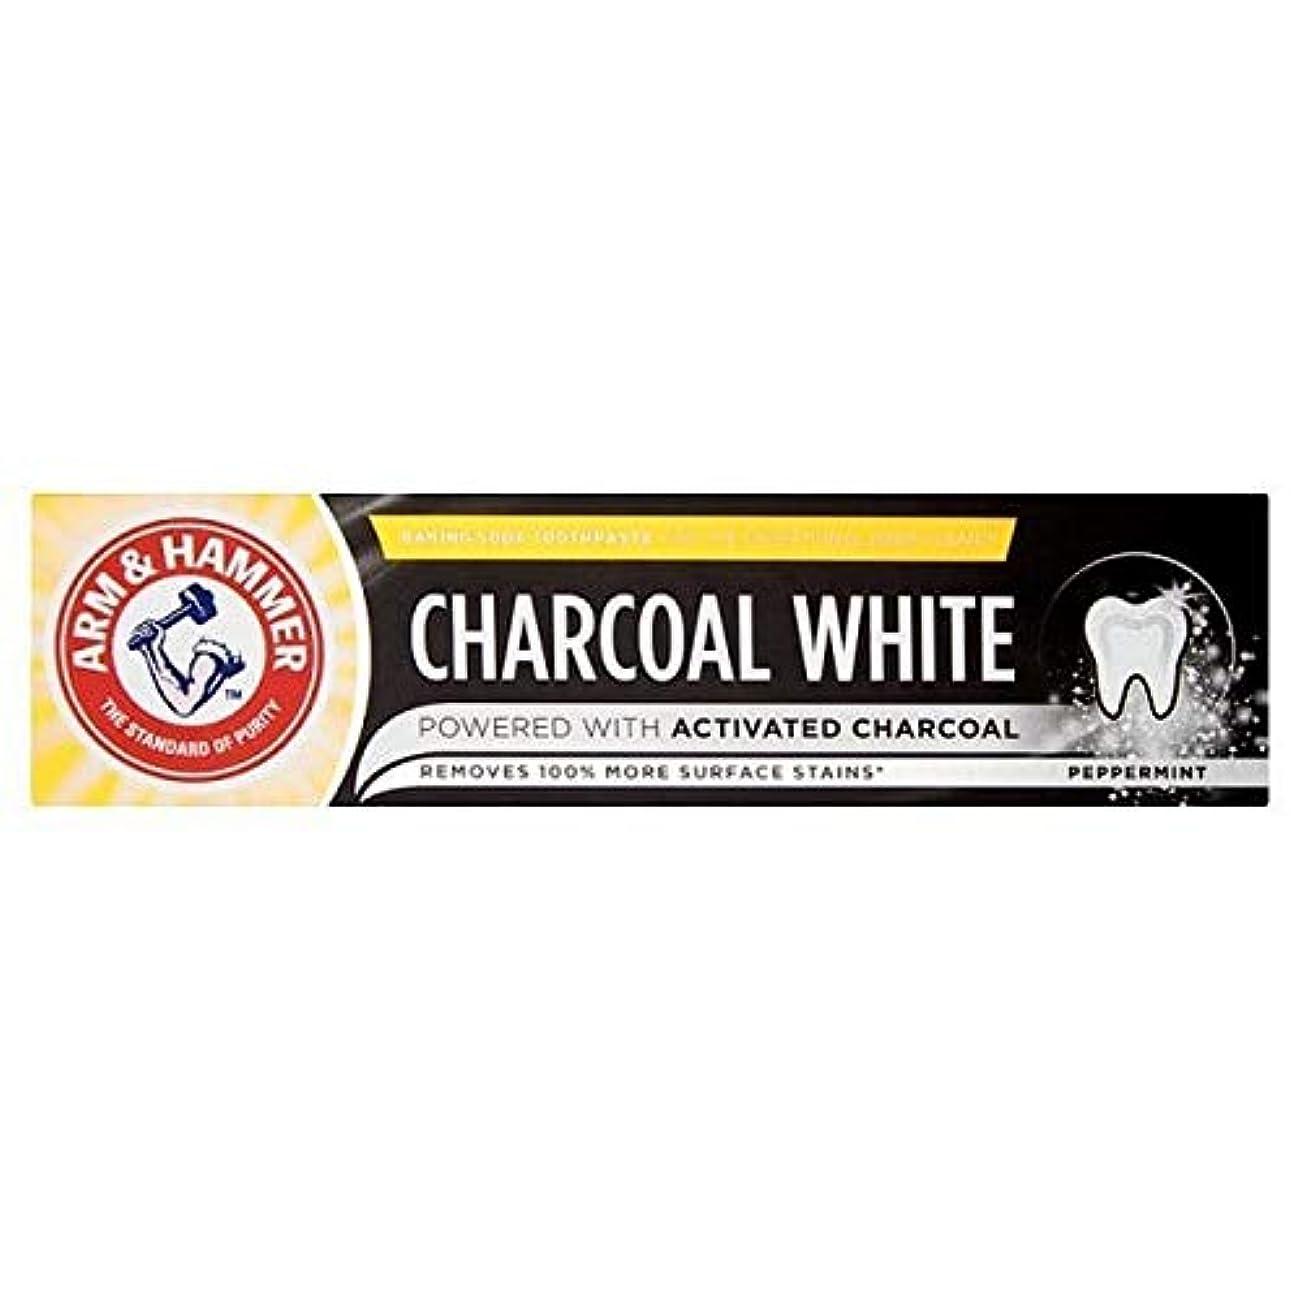 環境保護主義者ドール想起[Arm & Hammer ] アーム&ハンマー炭白75ミリリットル - Arm & Hammer Charcoal White 75ml [並行輸入品]